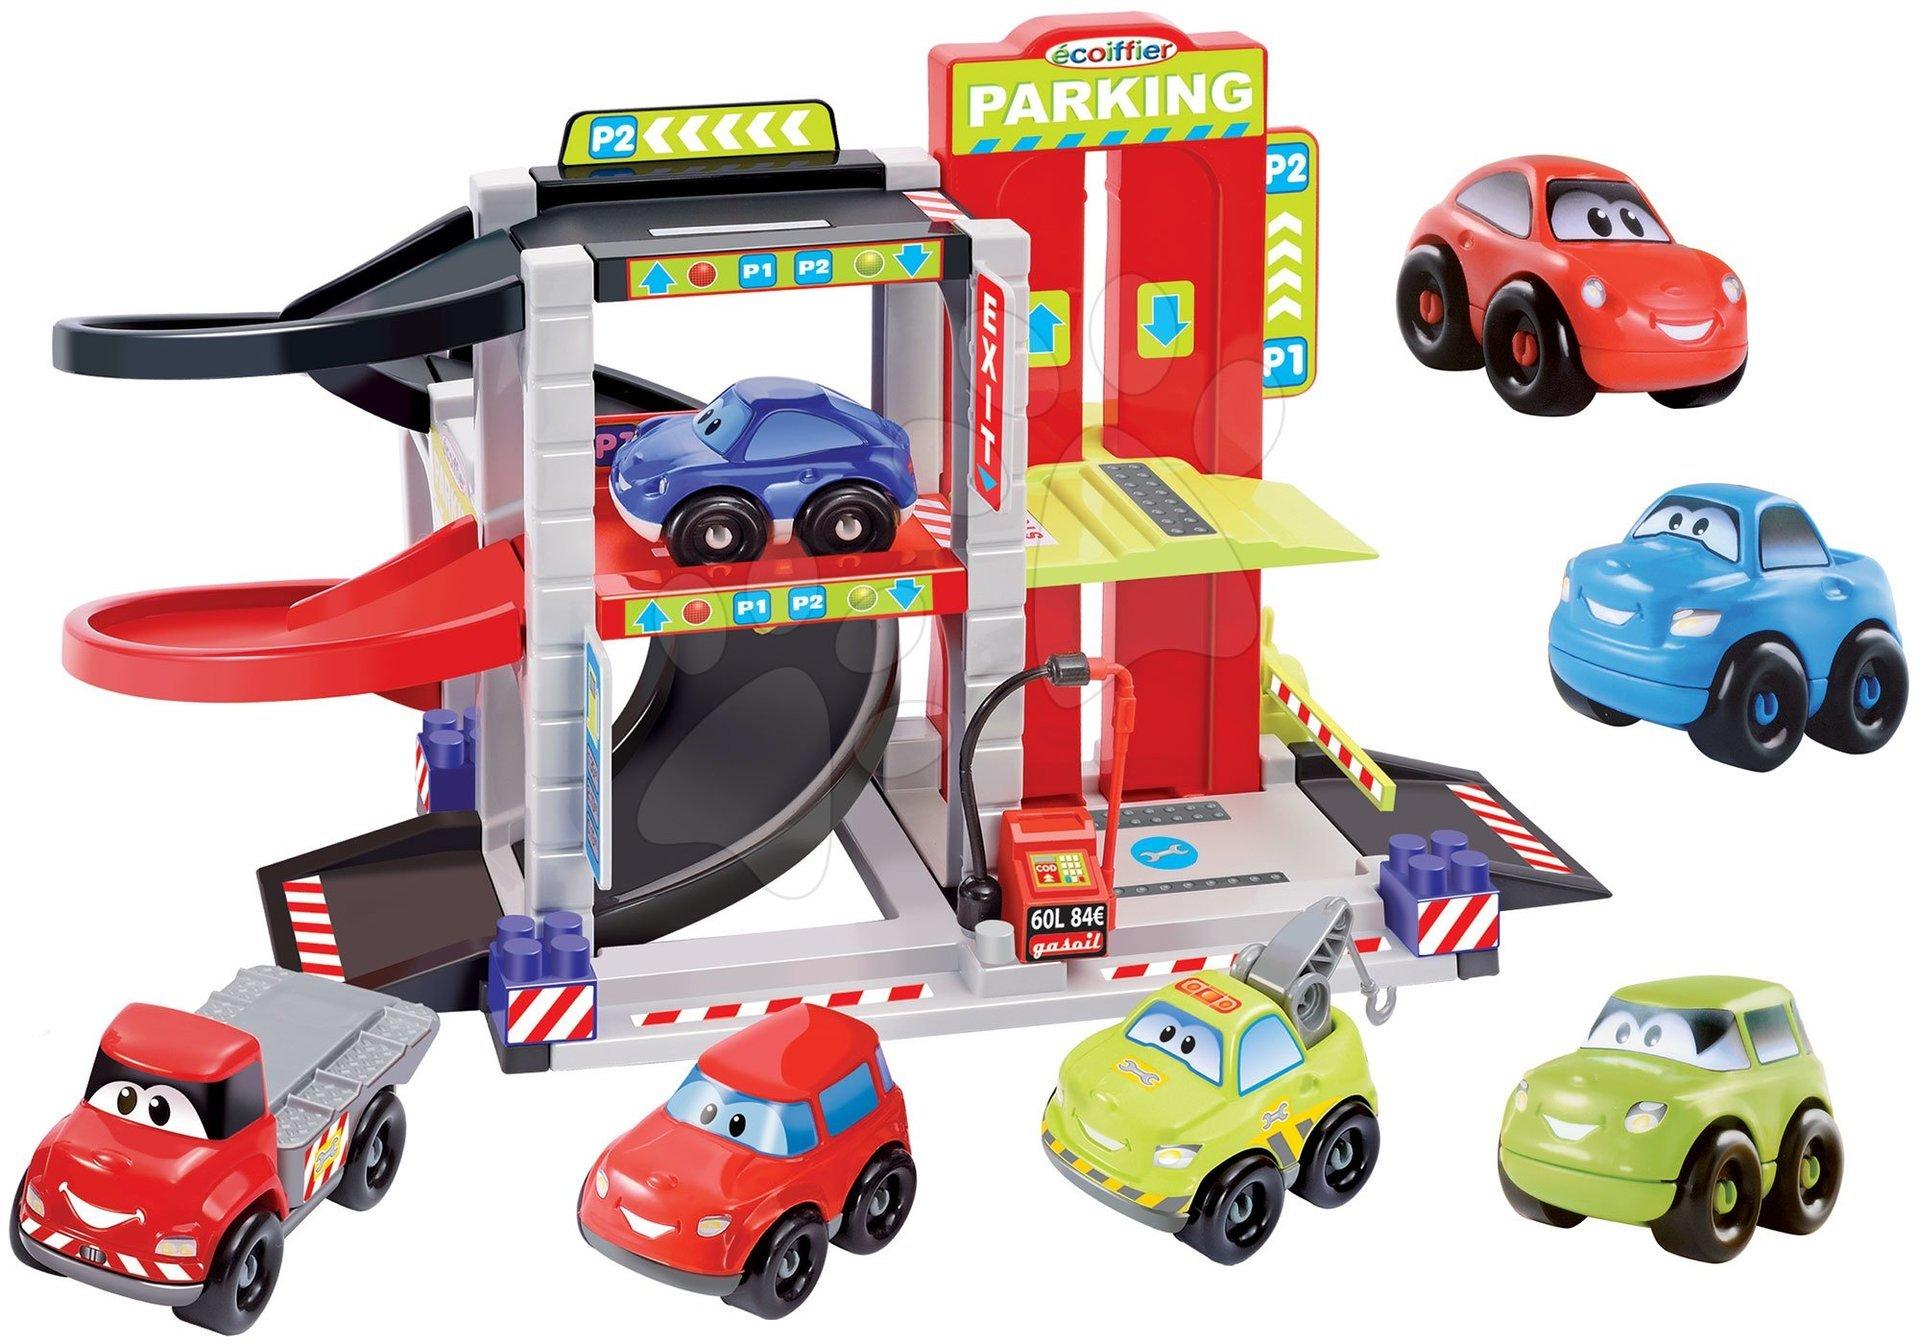 Stavebnica Rýchle autá Abrick Écoiffier poschodová garáž so 4 autíčkami + 3 autá DARČEK od 18 mes